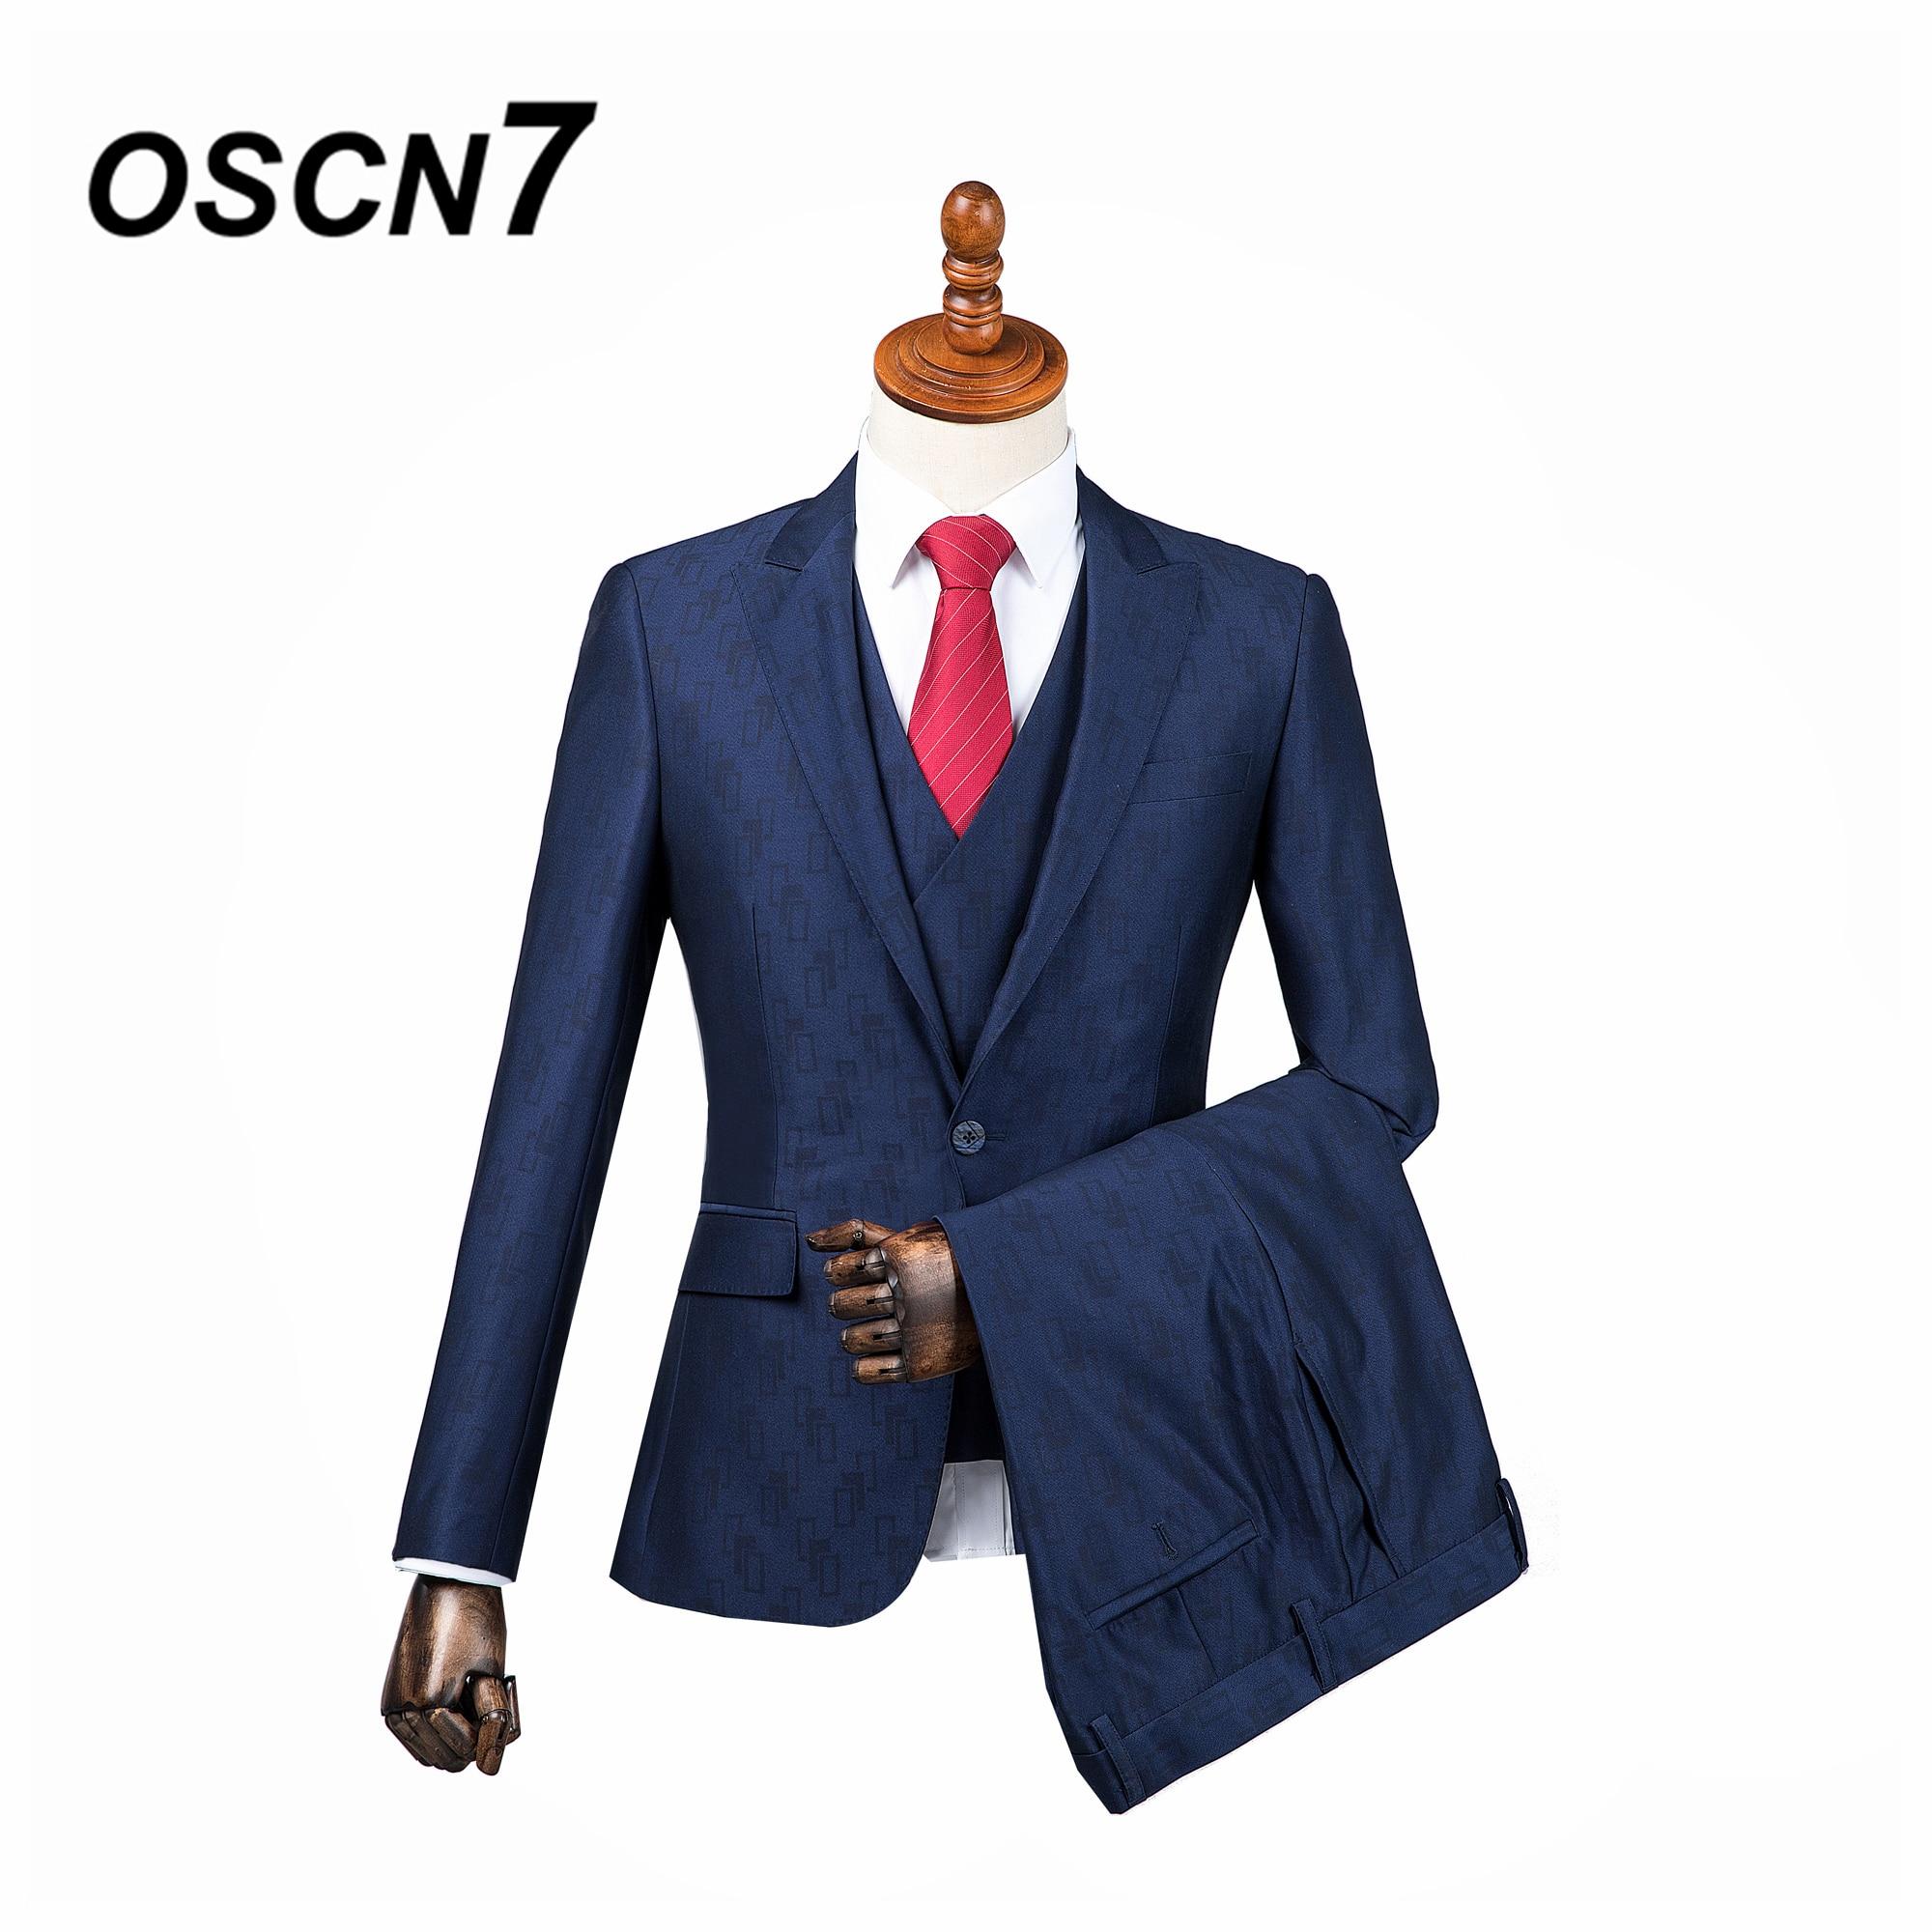 OSCN7 3 шт. Синий принт Индивидуальные костюмы Для мужчин джентльмен Пик нагрудные свадебное платье индивидуальный заказ костюм Для мужчин Мо